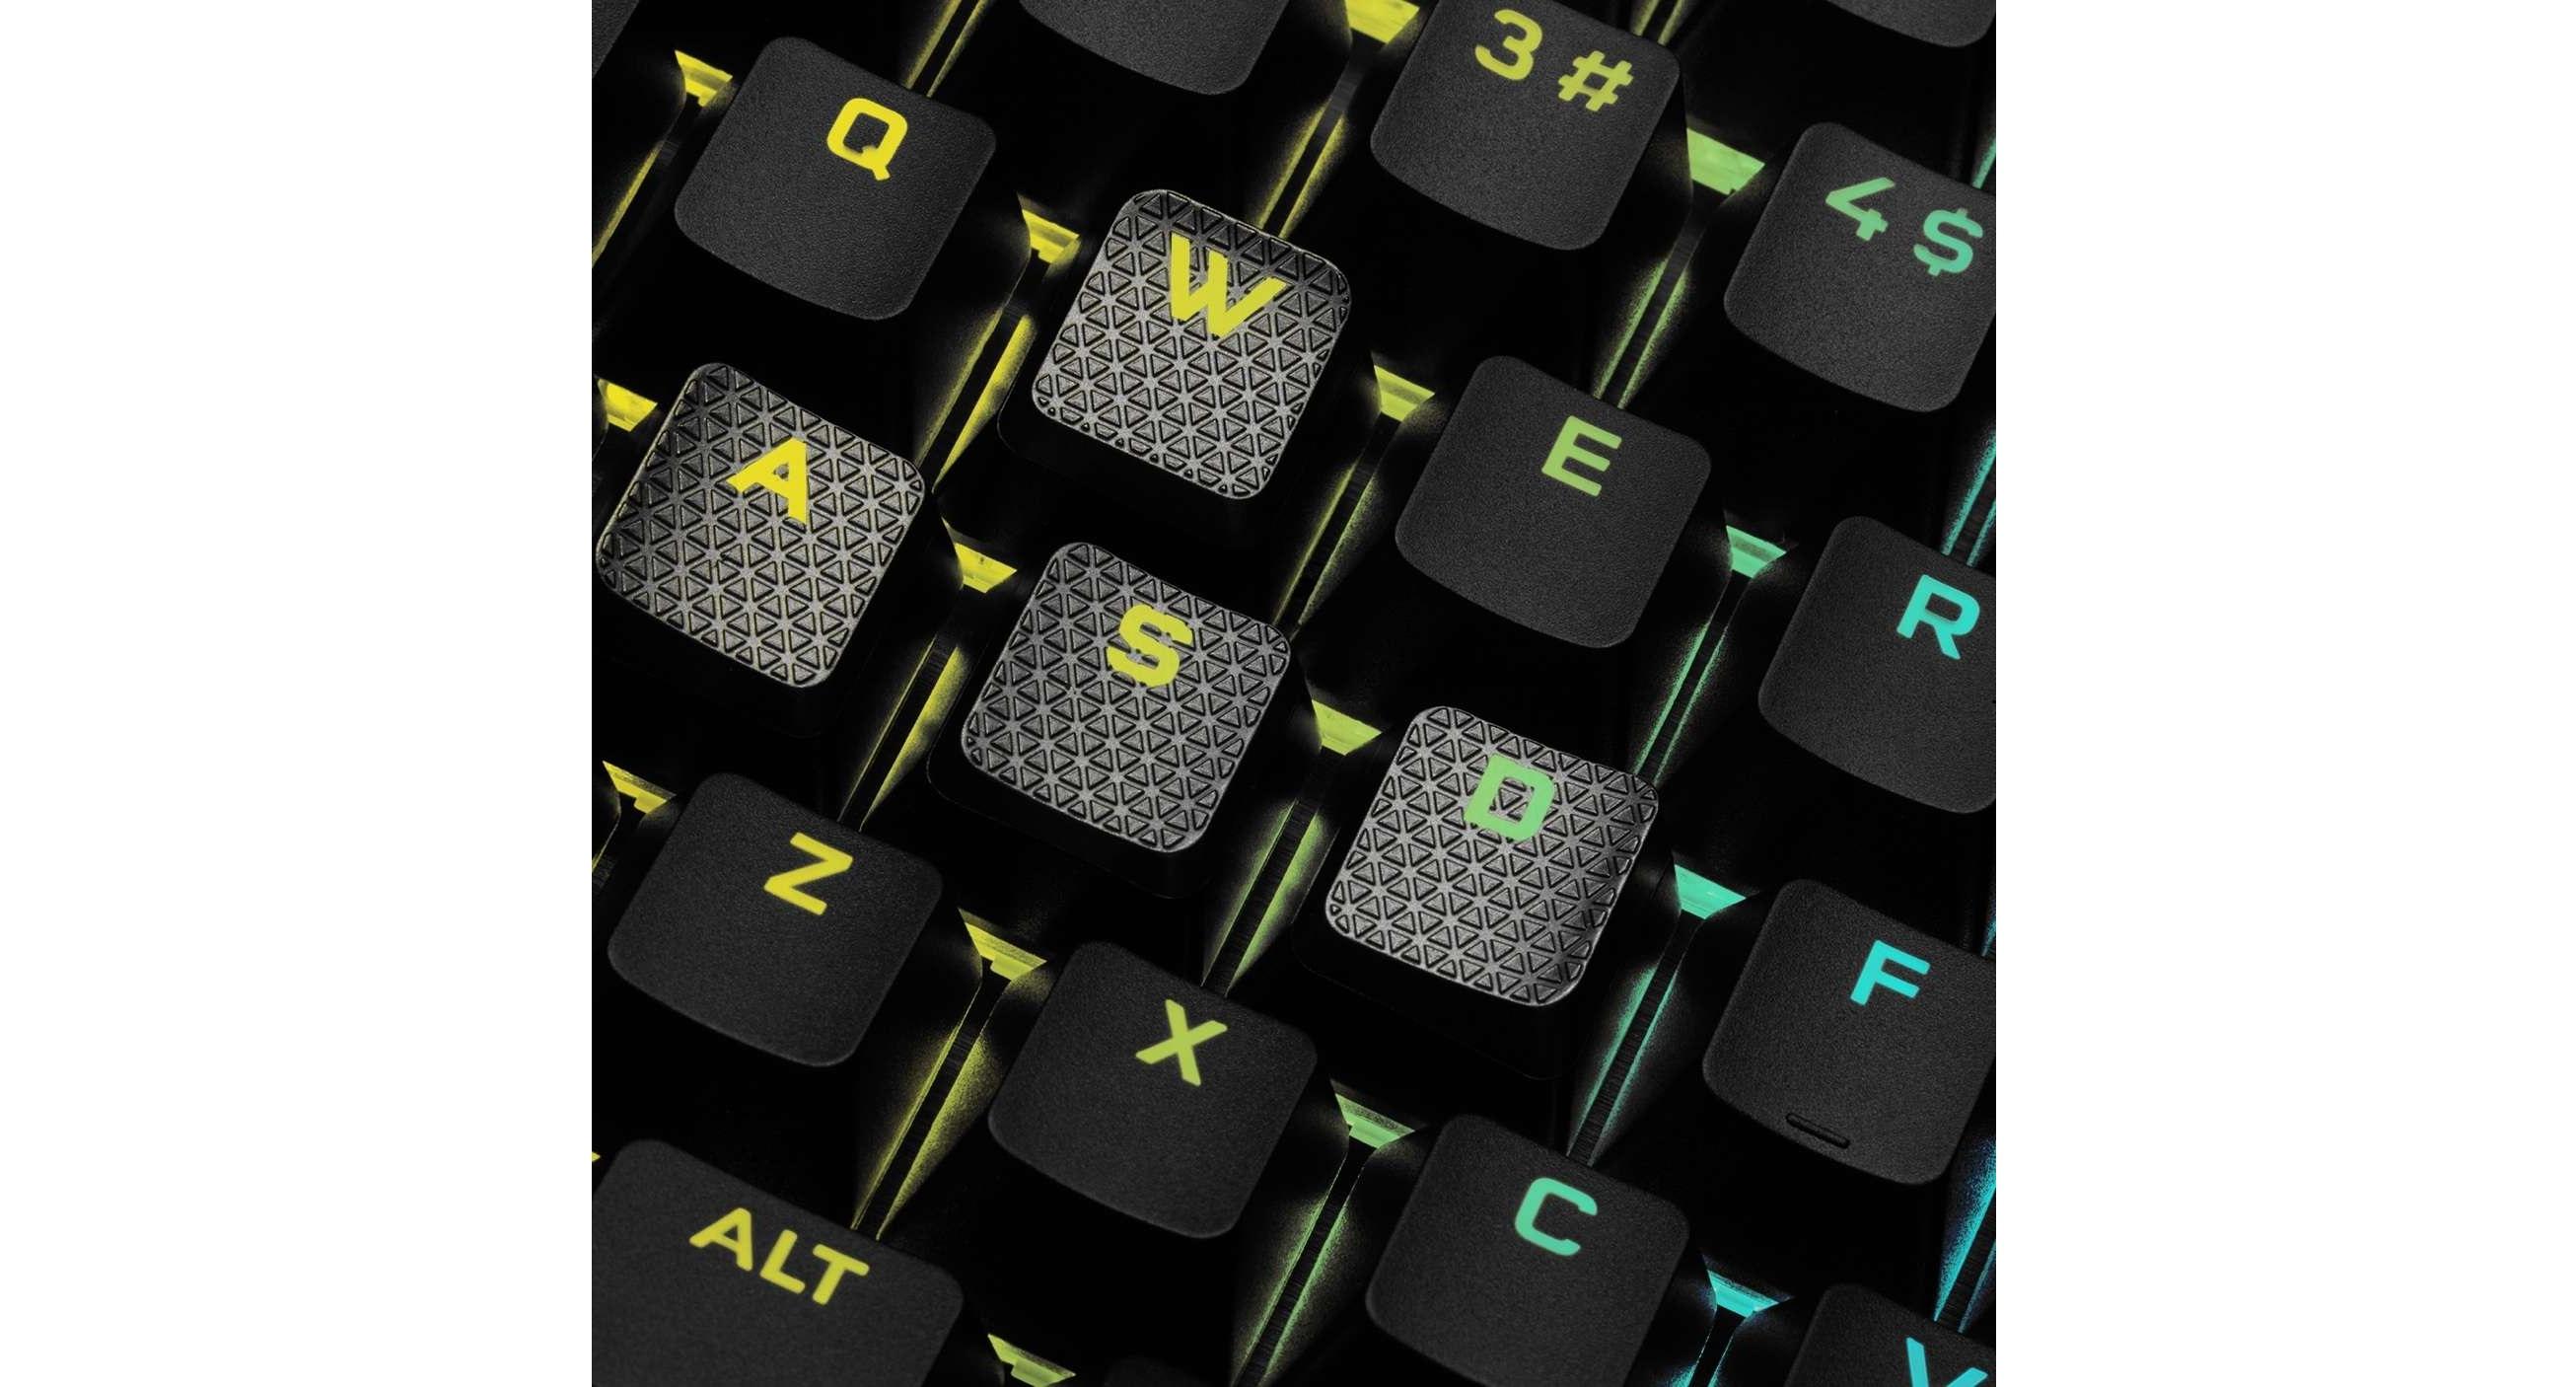 Bàn phím Corsair K100 RGB Speed switch (CH-912A014-NA)  nâng cấp keycap chất liệu pbt bền bỉ